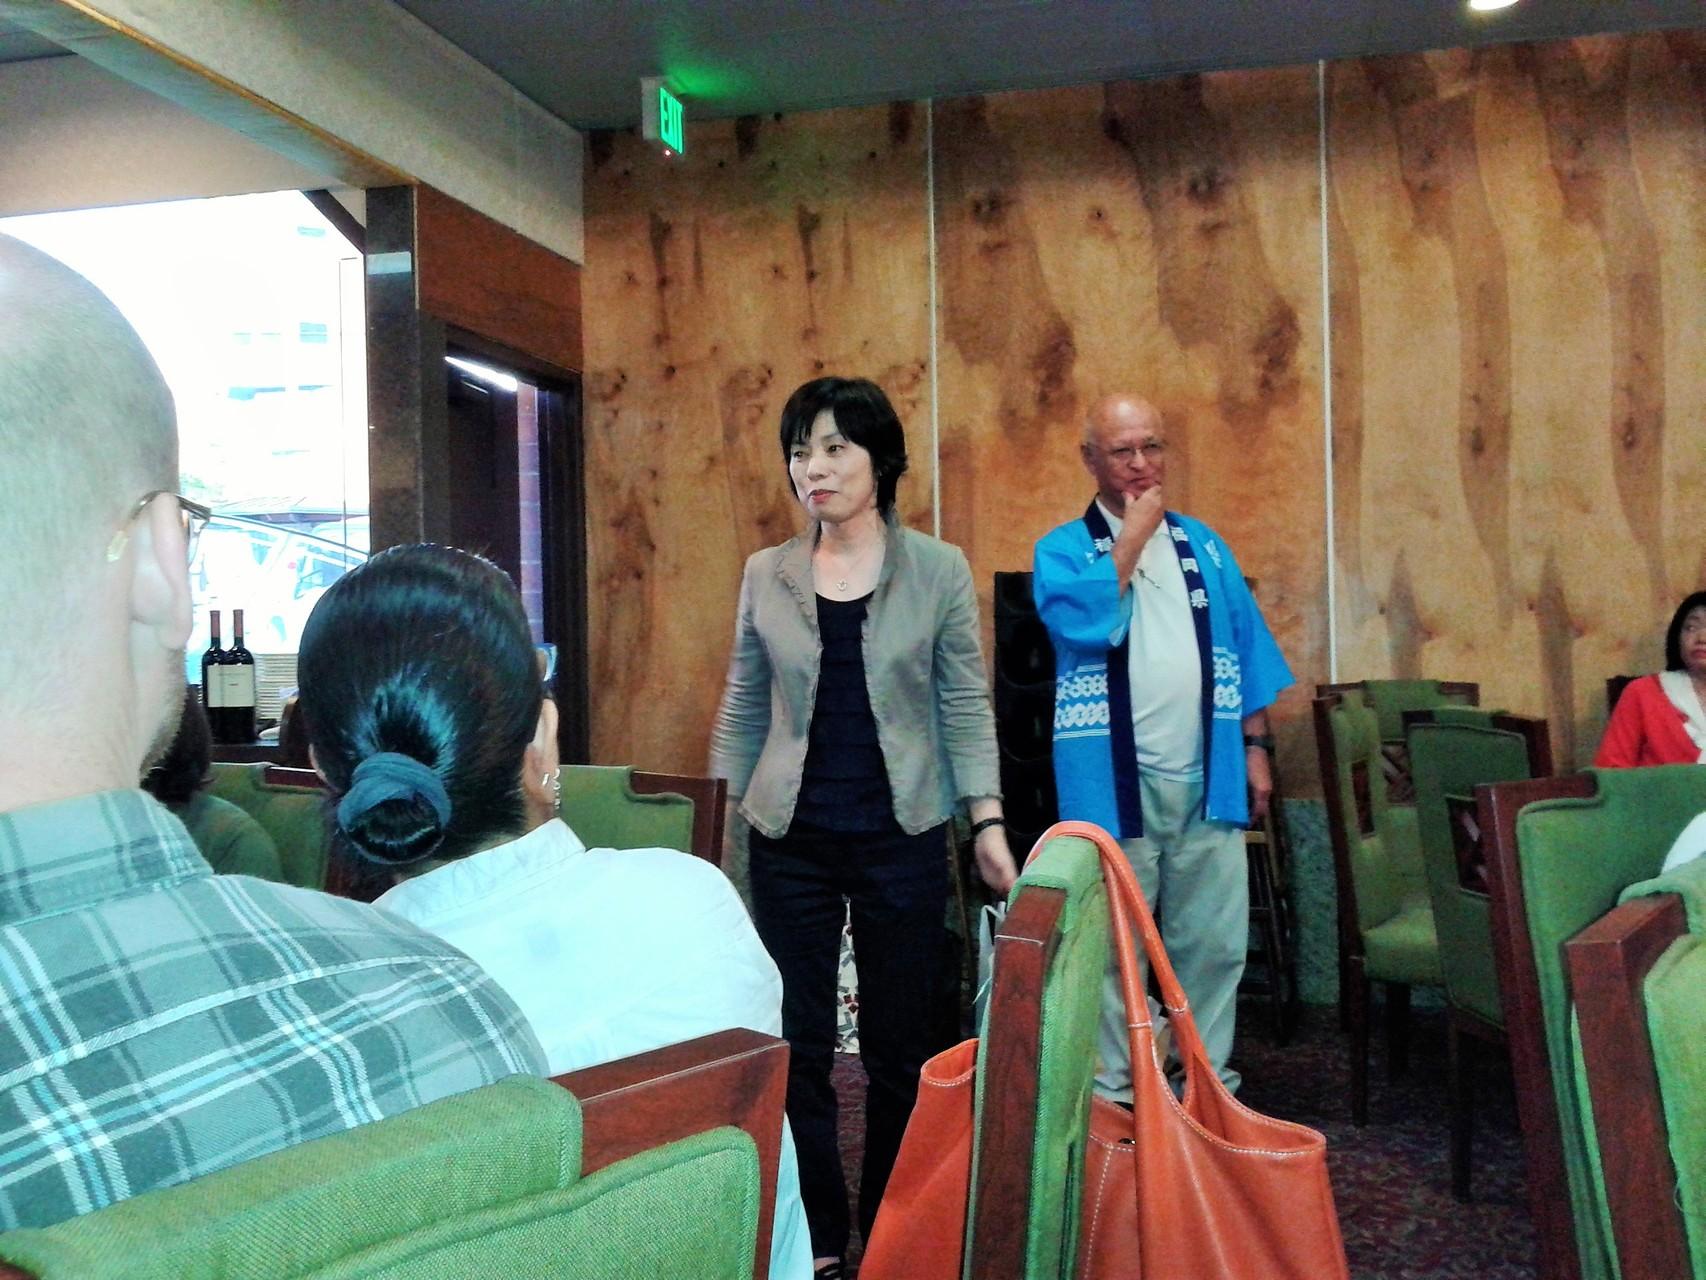 9月13日 歓迎会での高崎国際交流センター事務局長の挨拶。